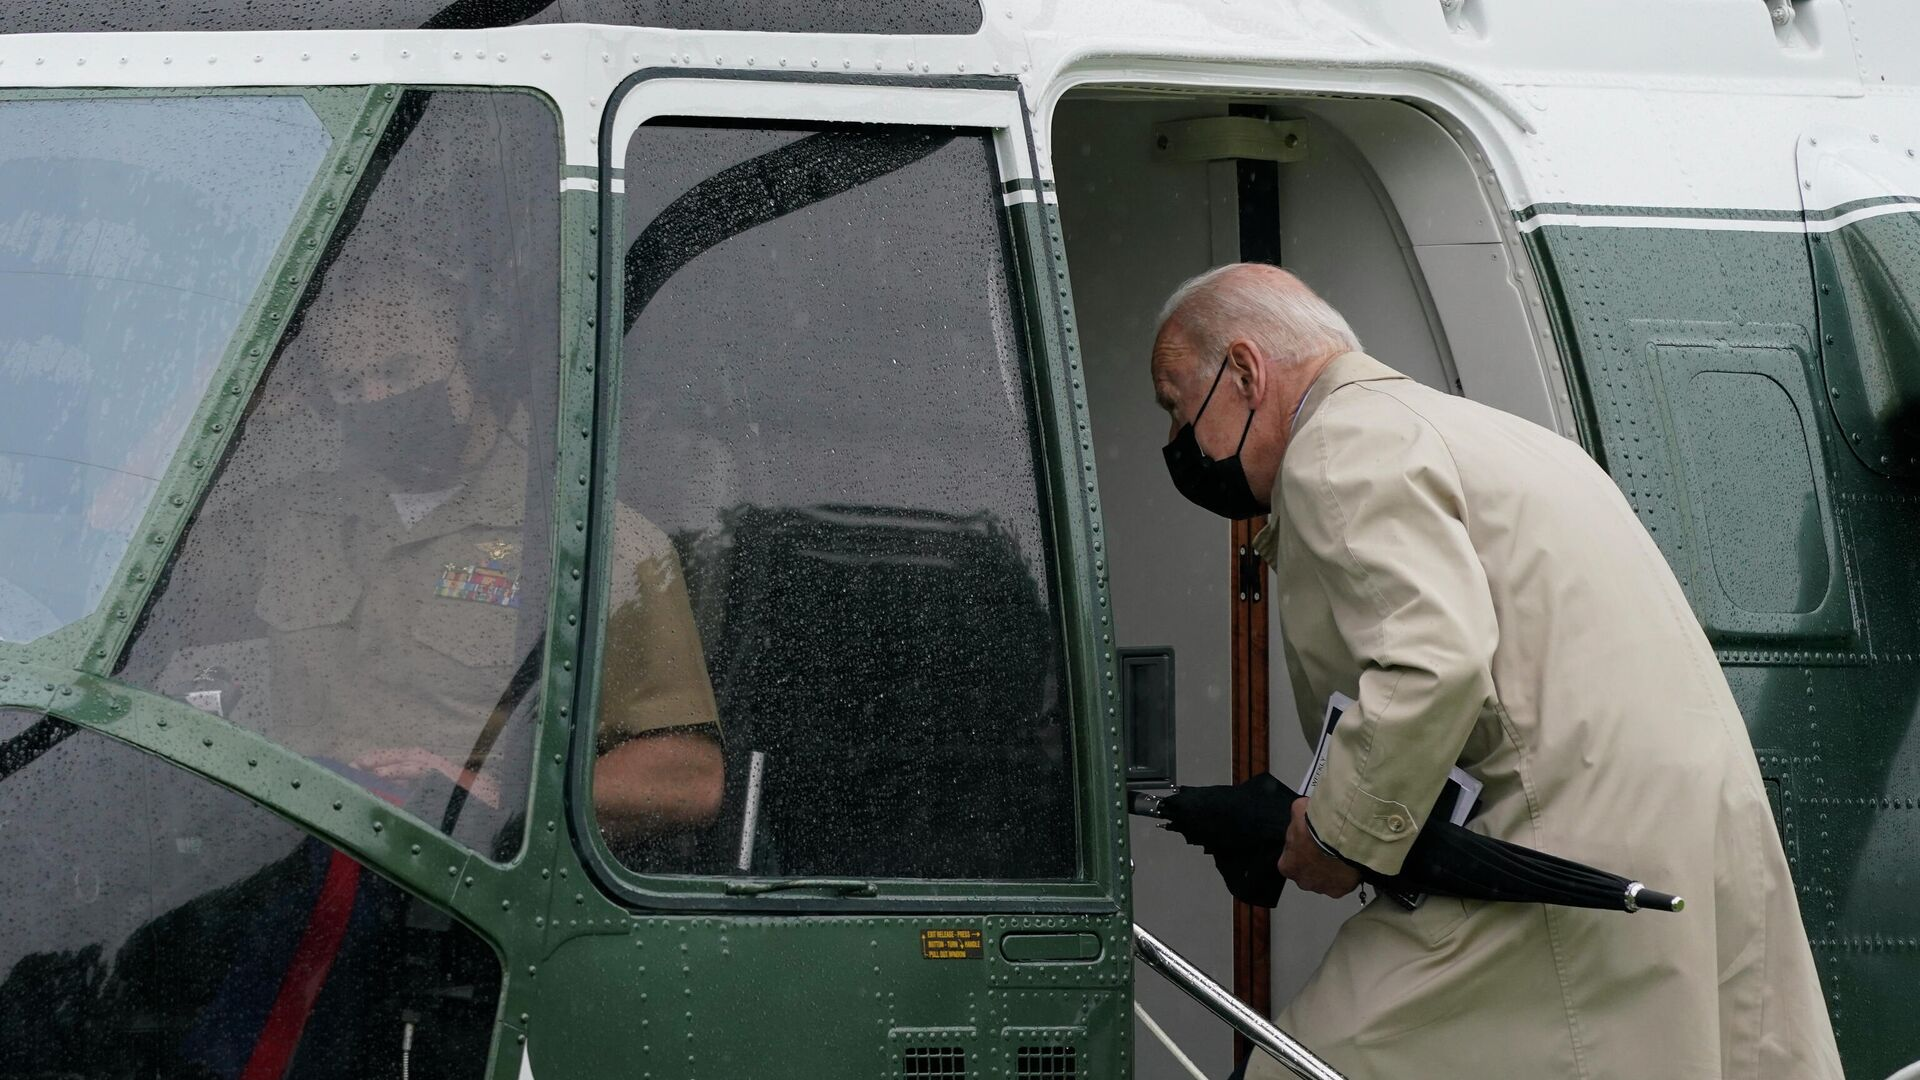 Президент США Джо Байден садится в вертолет в Вашингтоне  - РИА Новости, 1920, 14.05.2021